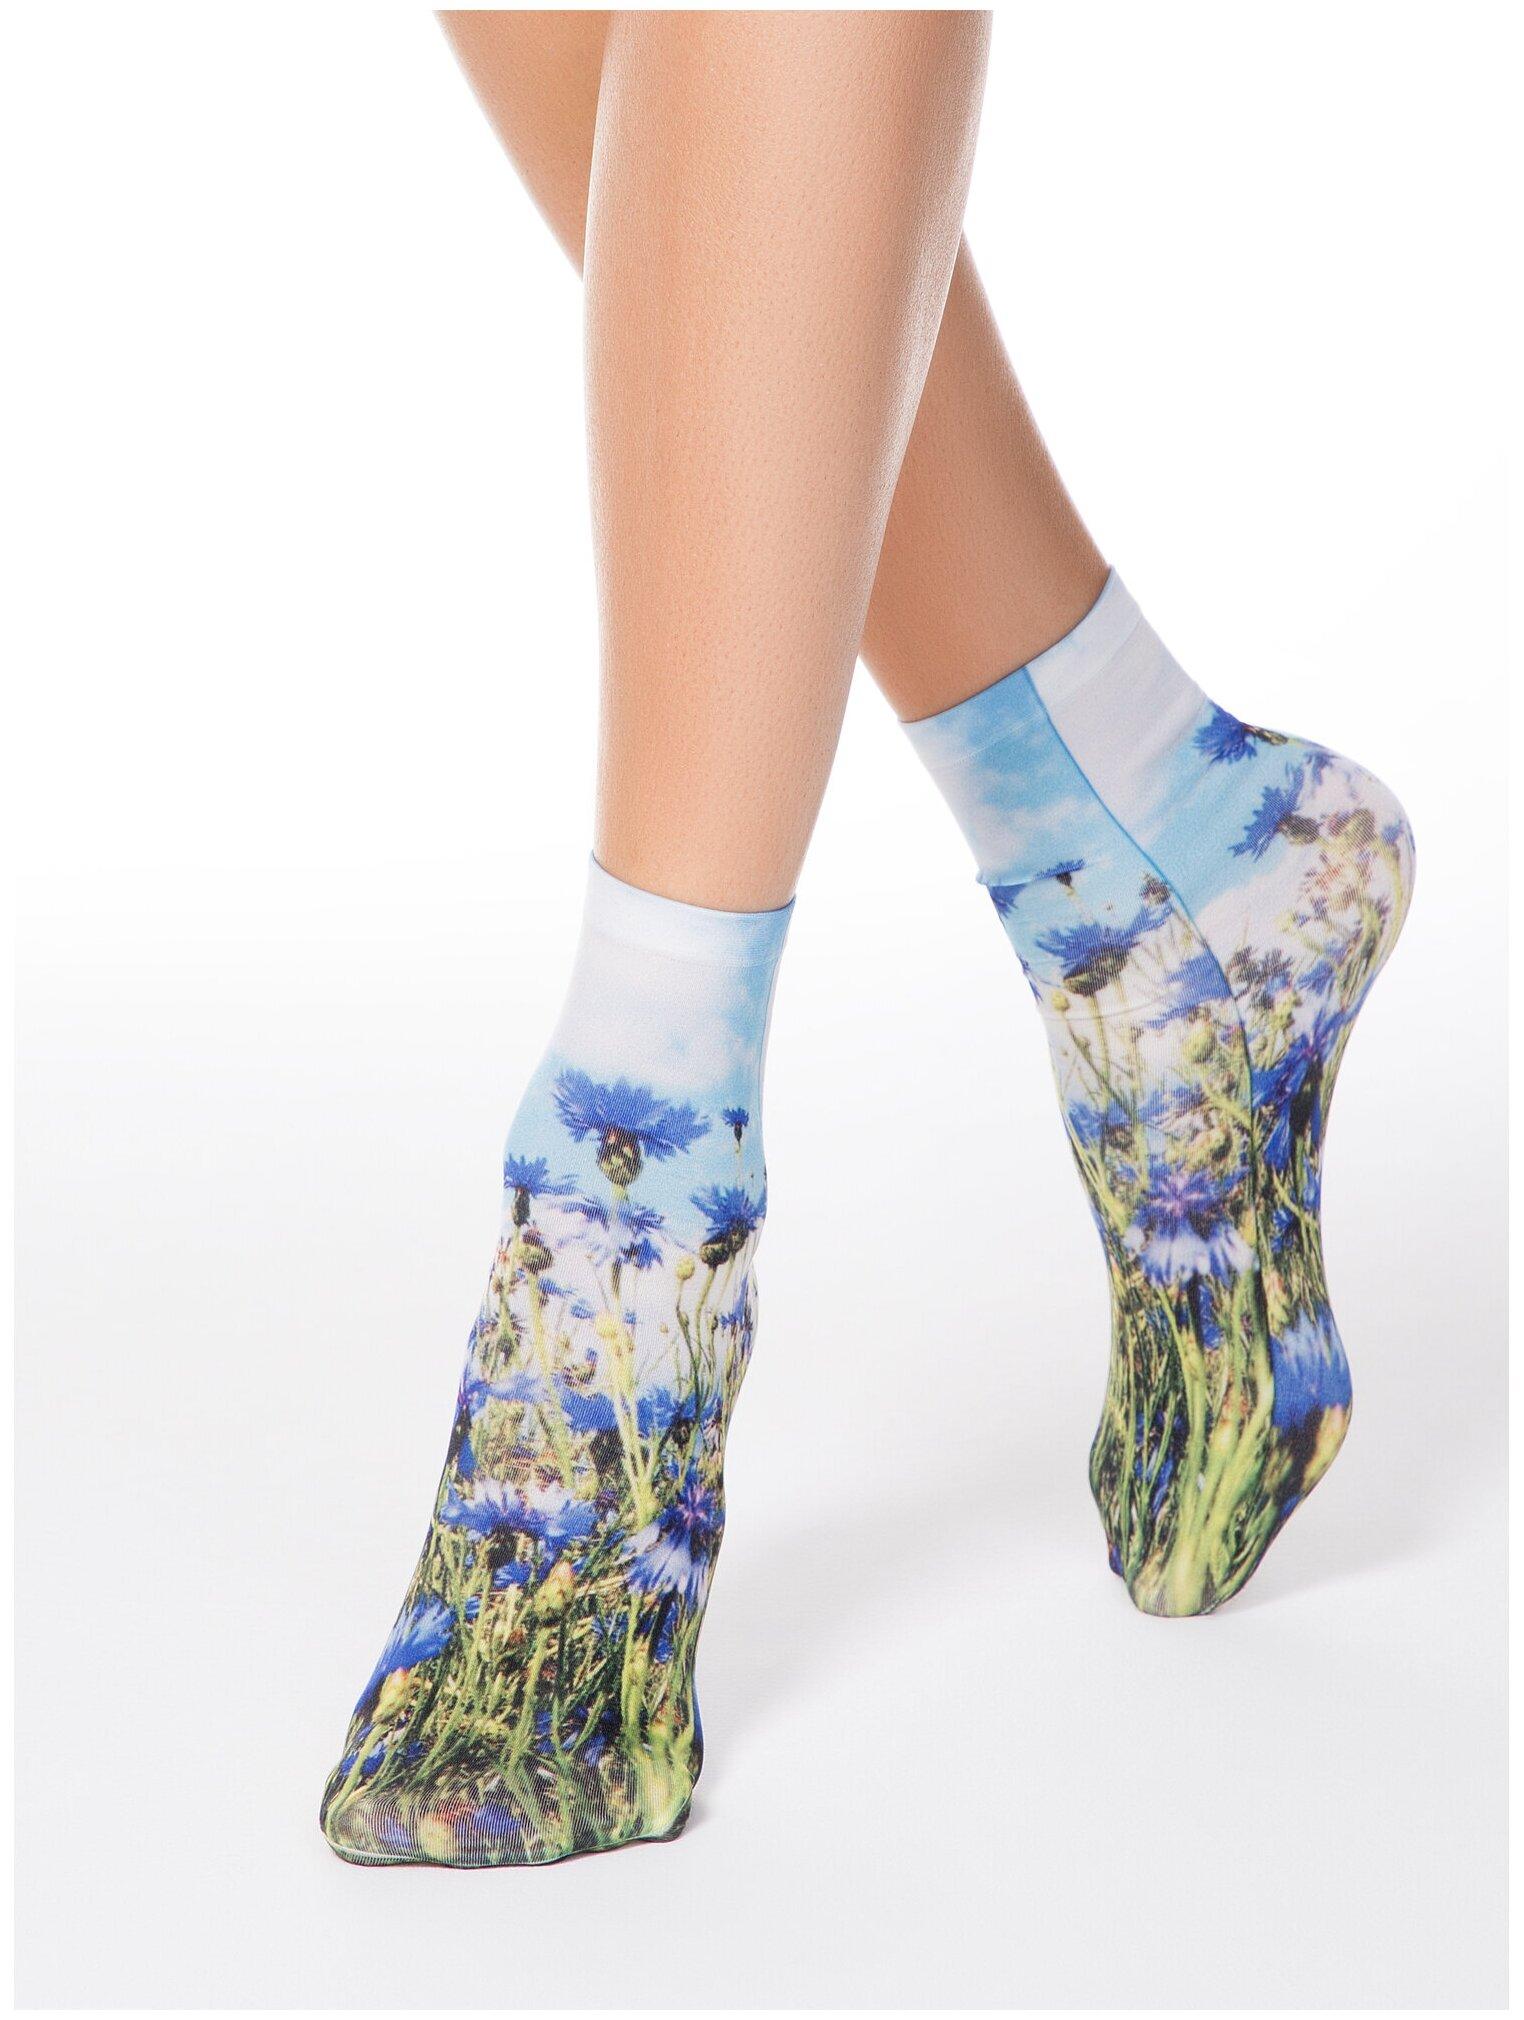 Капроновые носки Conte Elegant Fantasy 17С-34СП 002 — купить по выгодной цене на Яндекс.Маркете